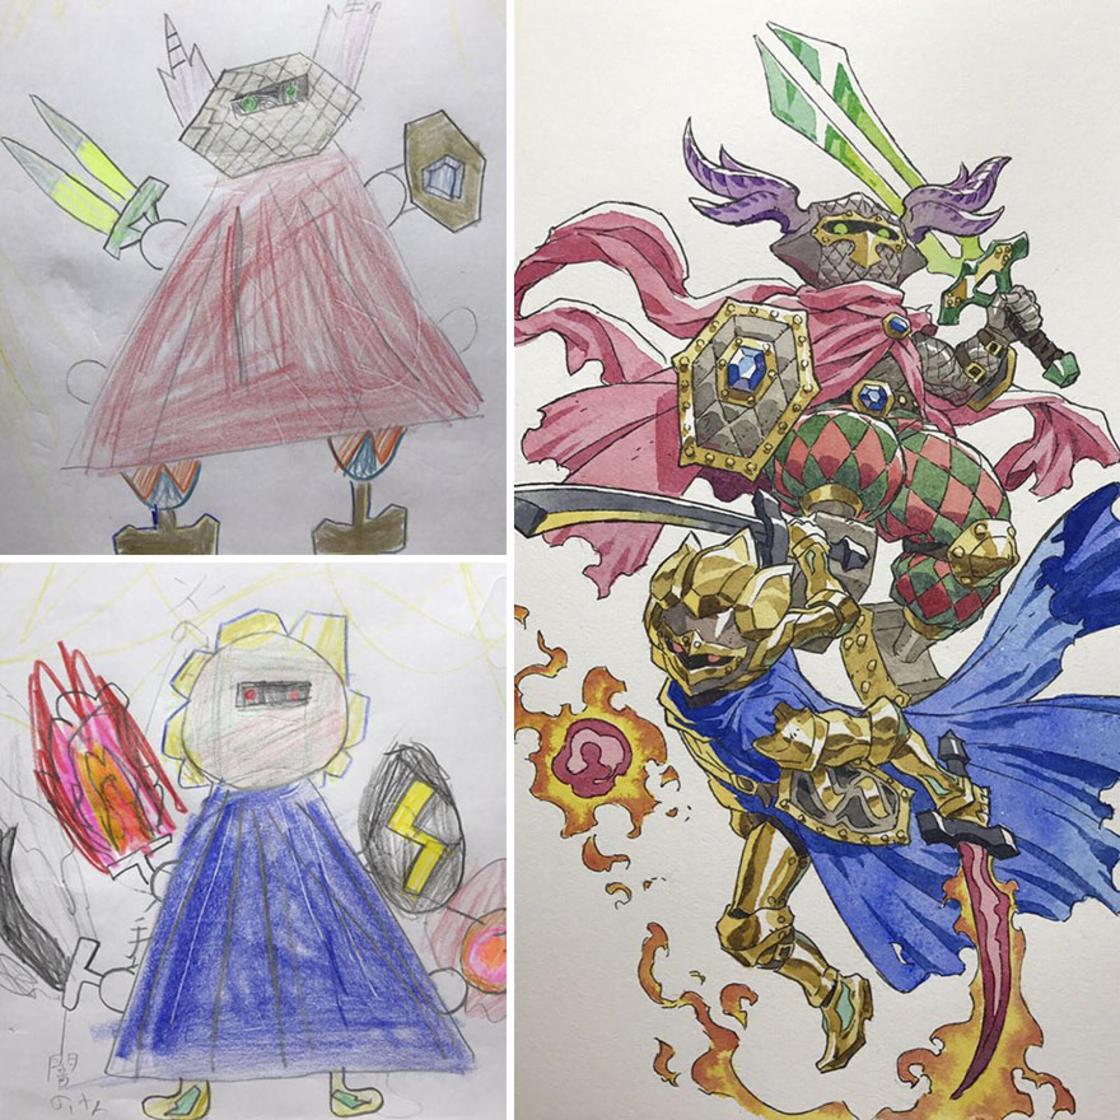 Il continue de transformer les dessins d'enfants en personnages badass